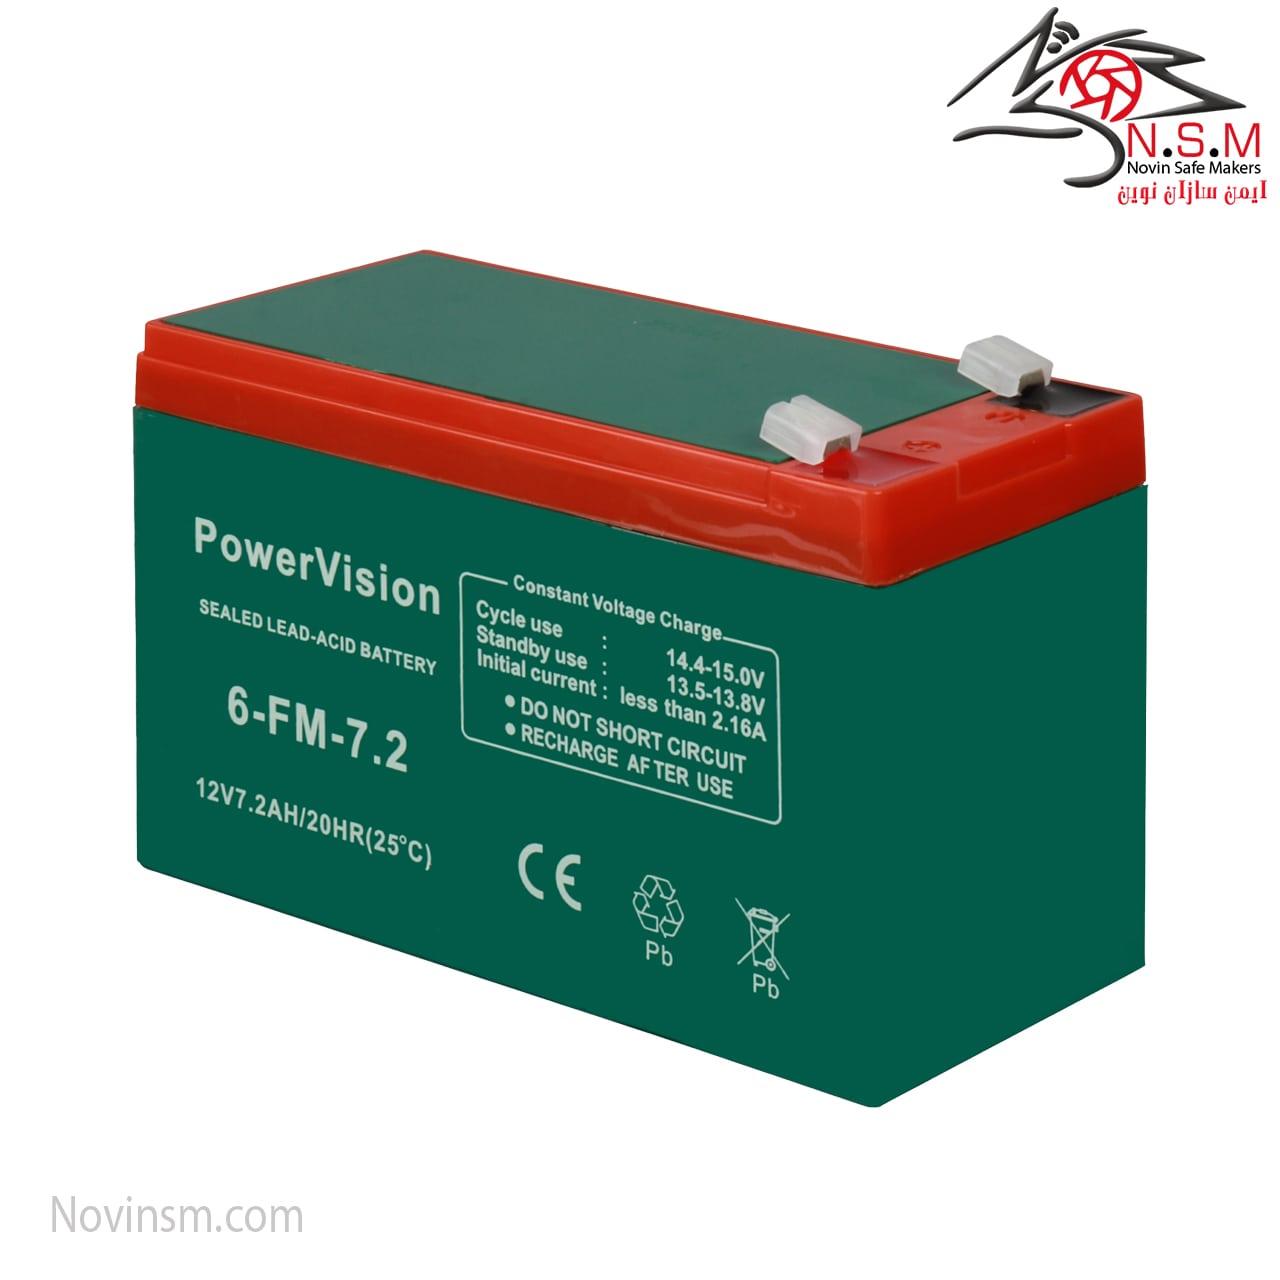 باتری ۱۲ ولت ۷٫۲ آمپر پاور ویژن | باتری دزدگیر اماکن